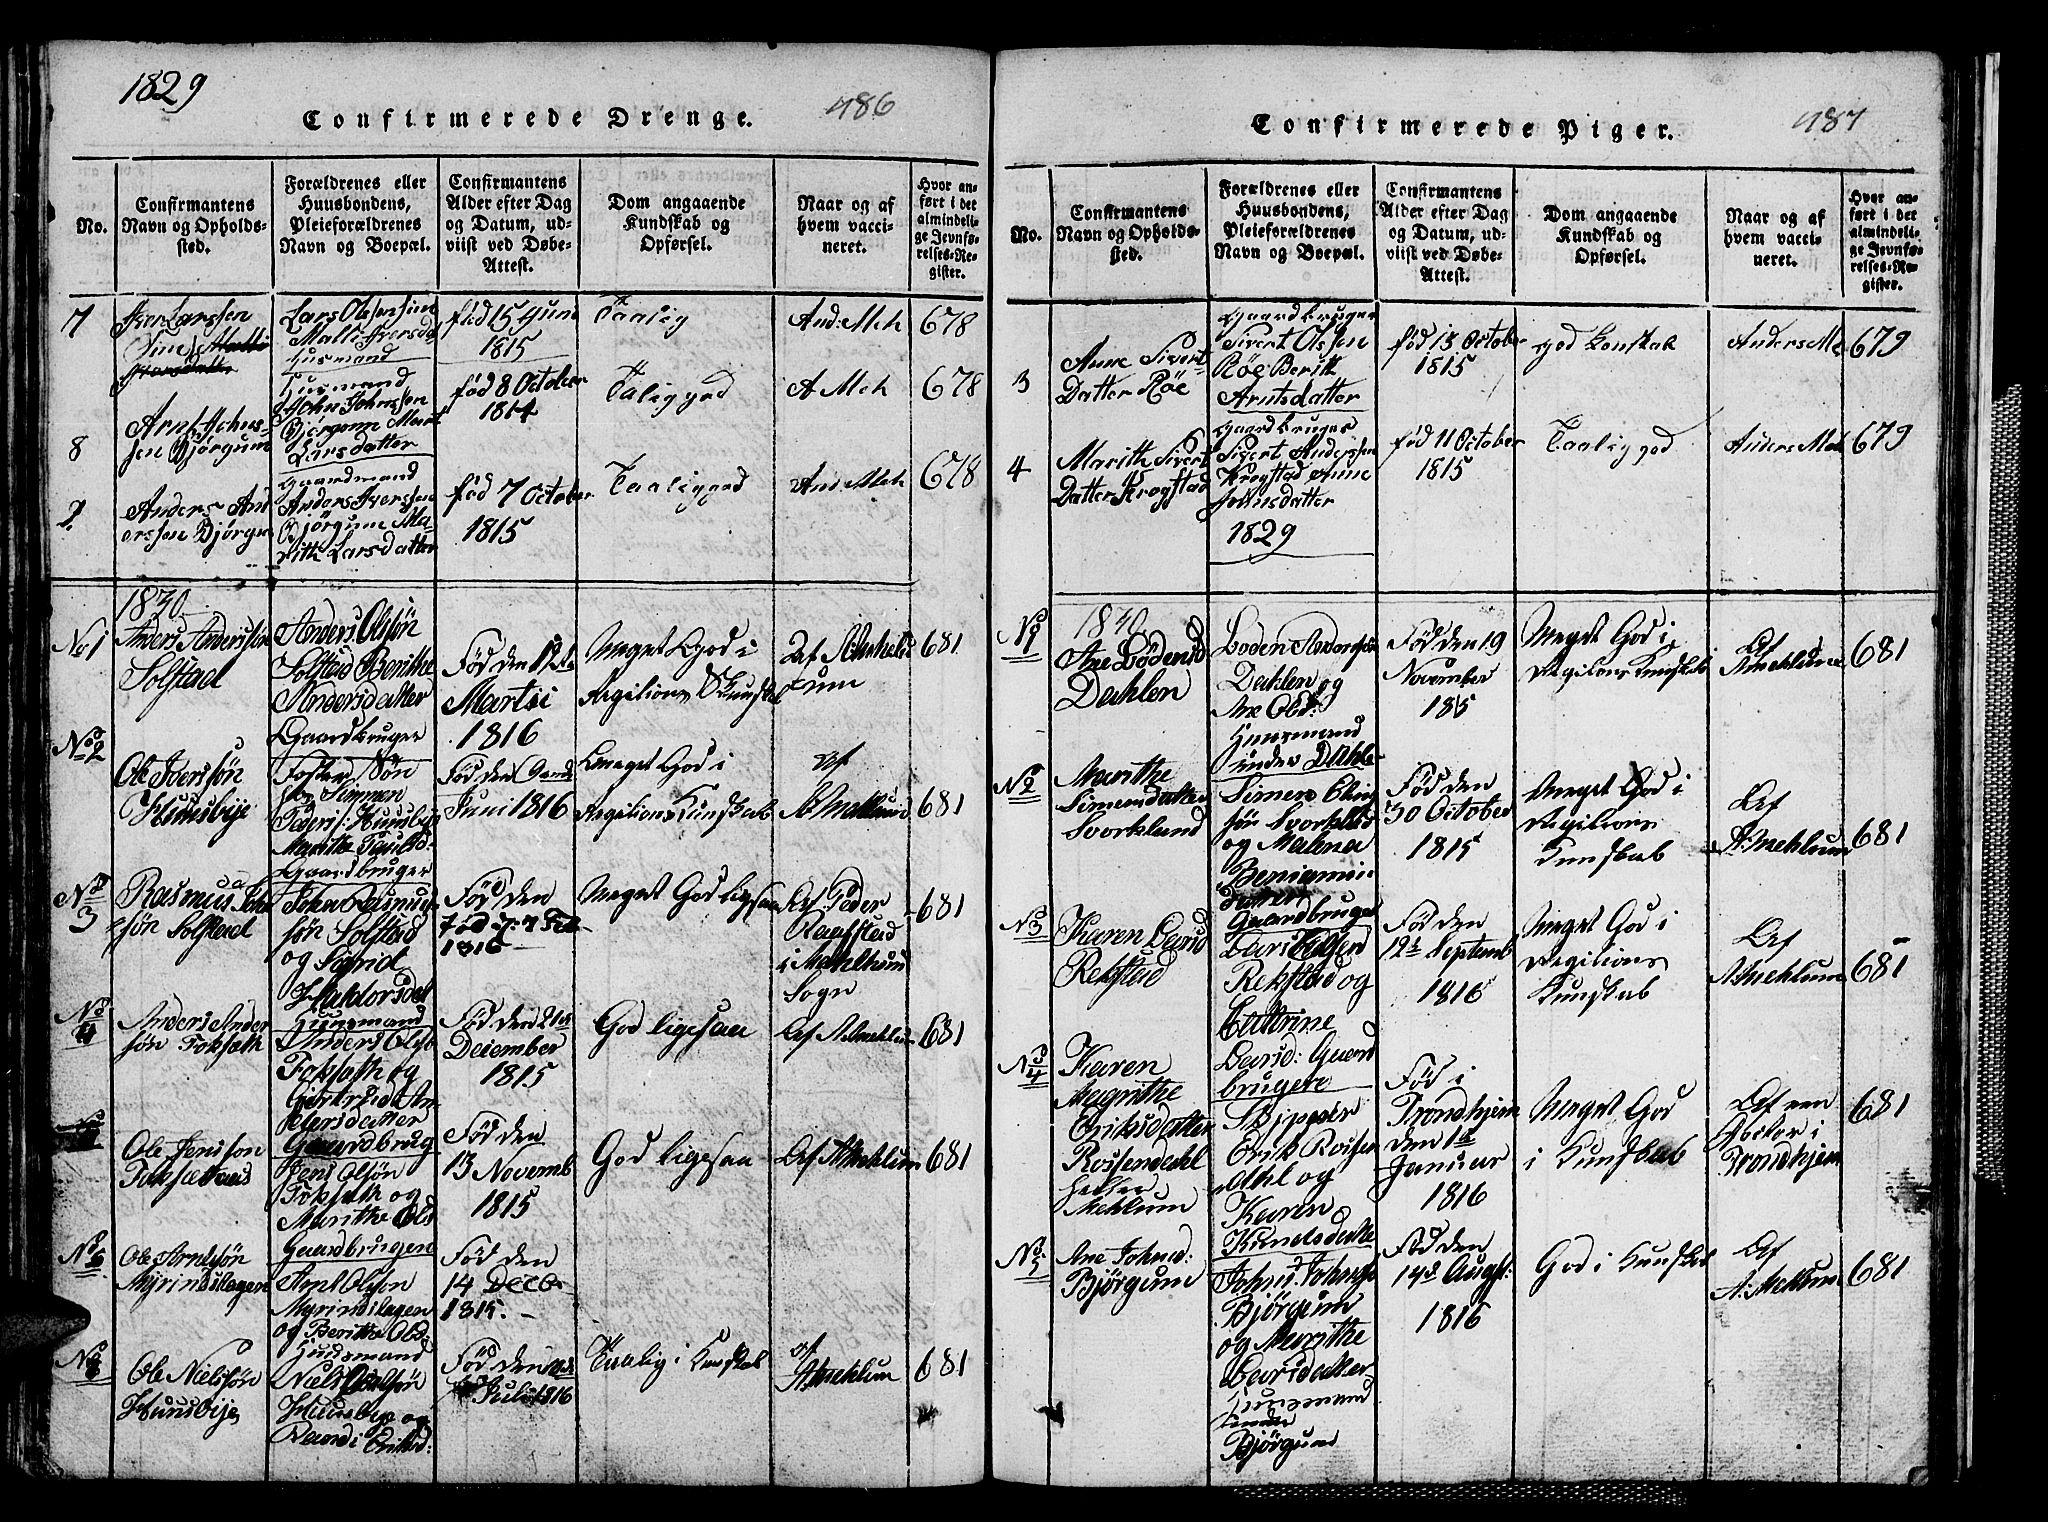 SAT, Ministerialprotokoller, klokkerbøker og fødselsregistre - Sør-Trøndelag, 667/L0796: Klokkerbok nr. 667C01, 1817-1836, s. 486-487